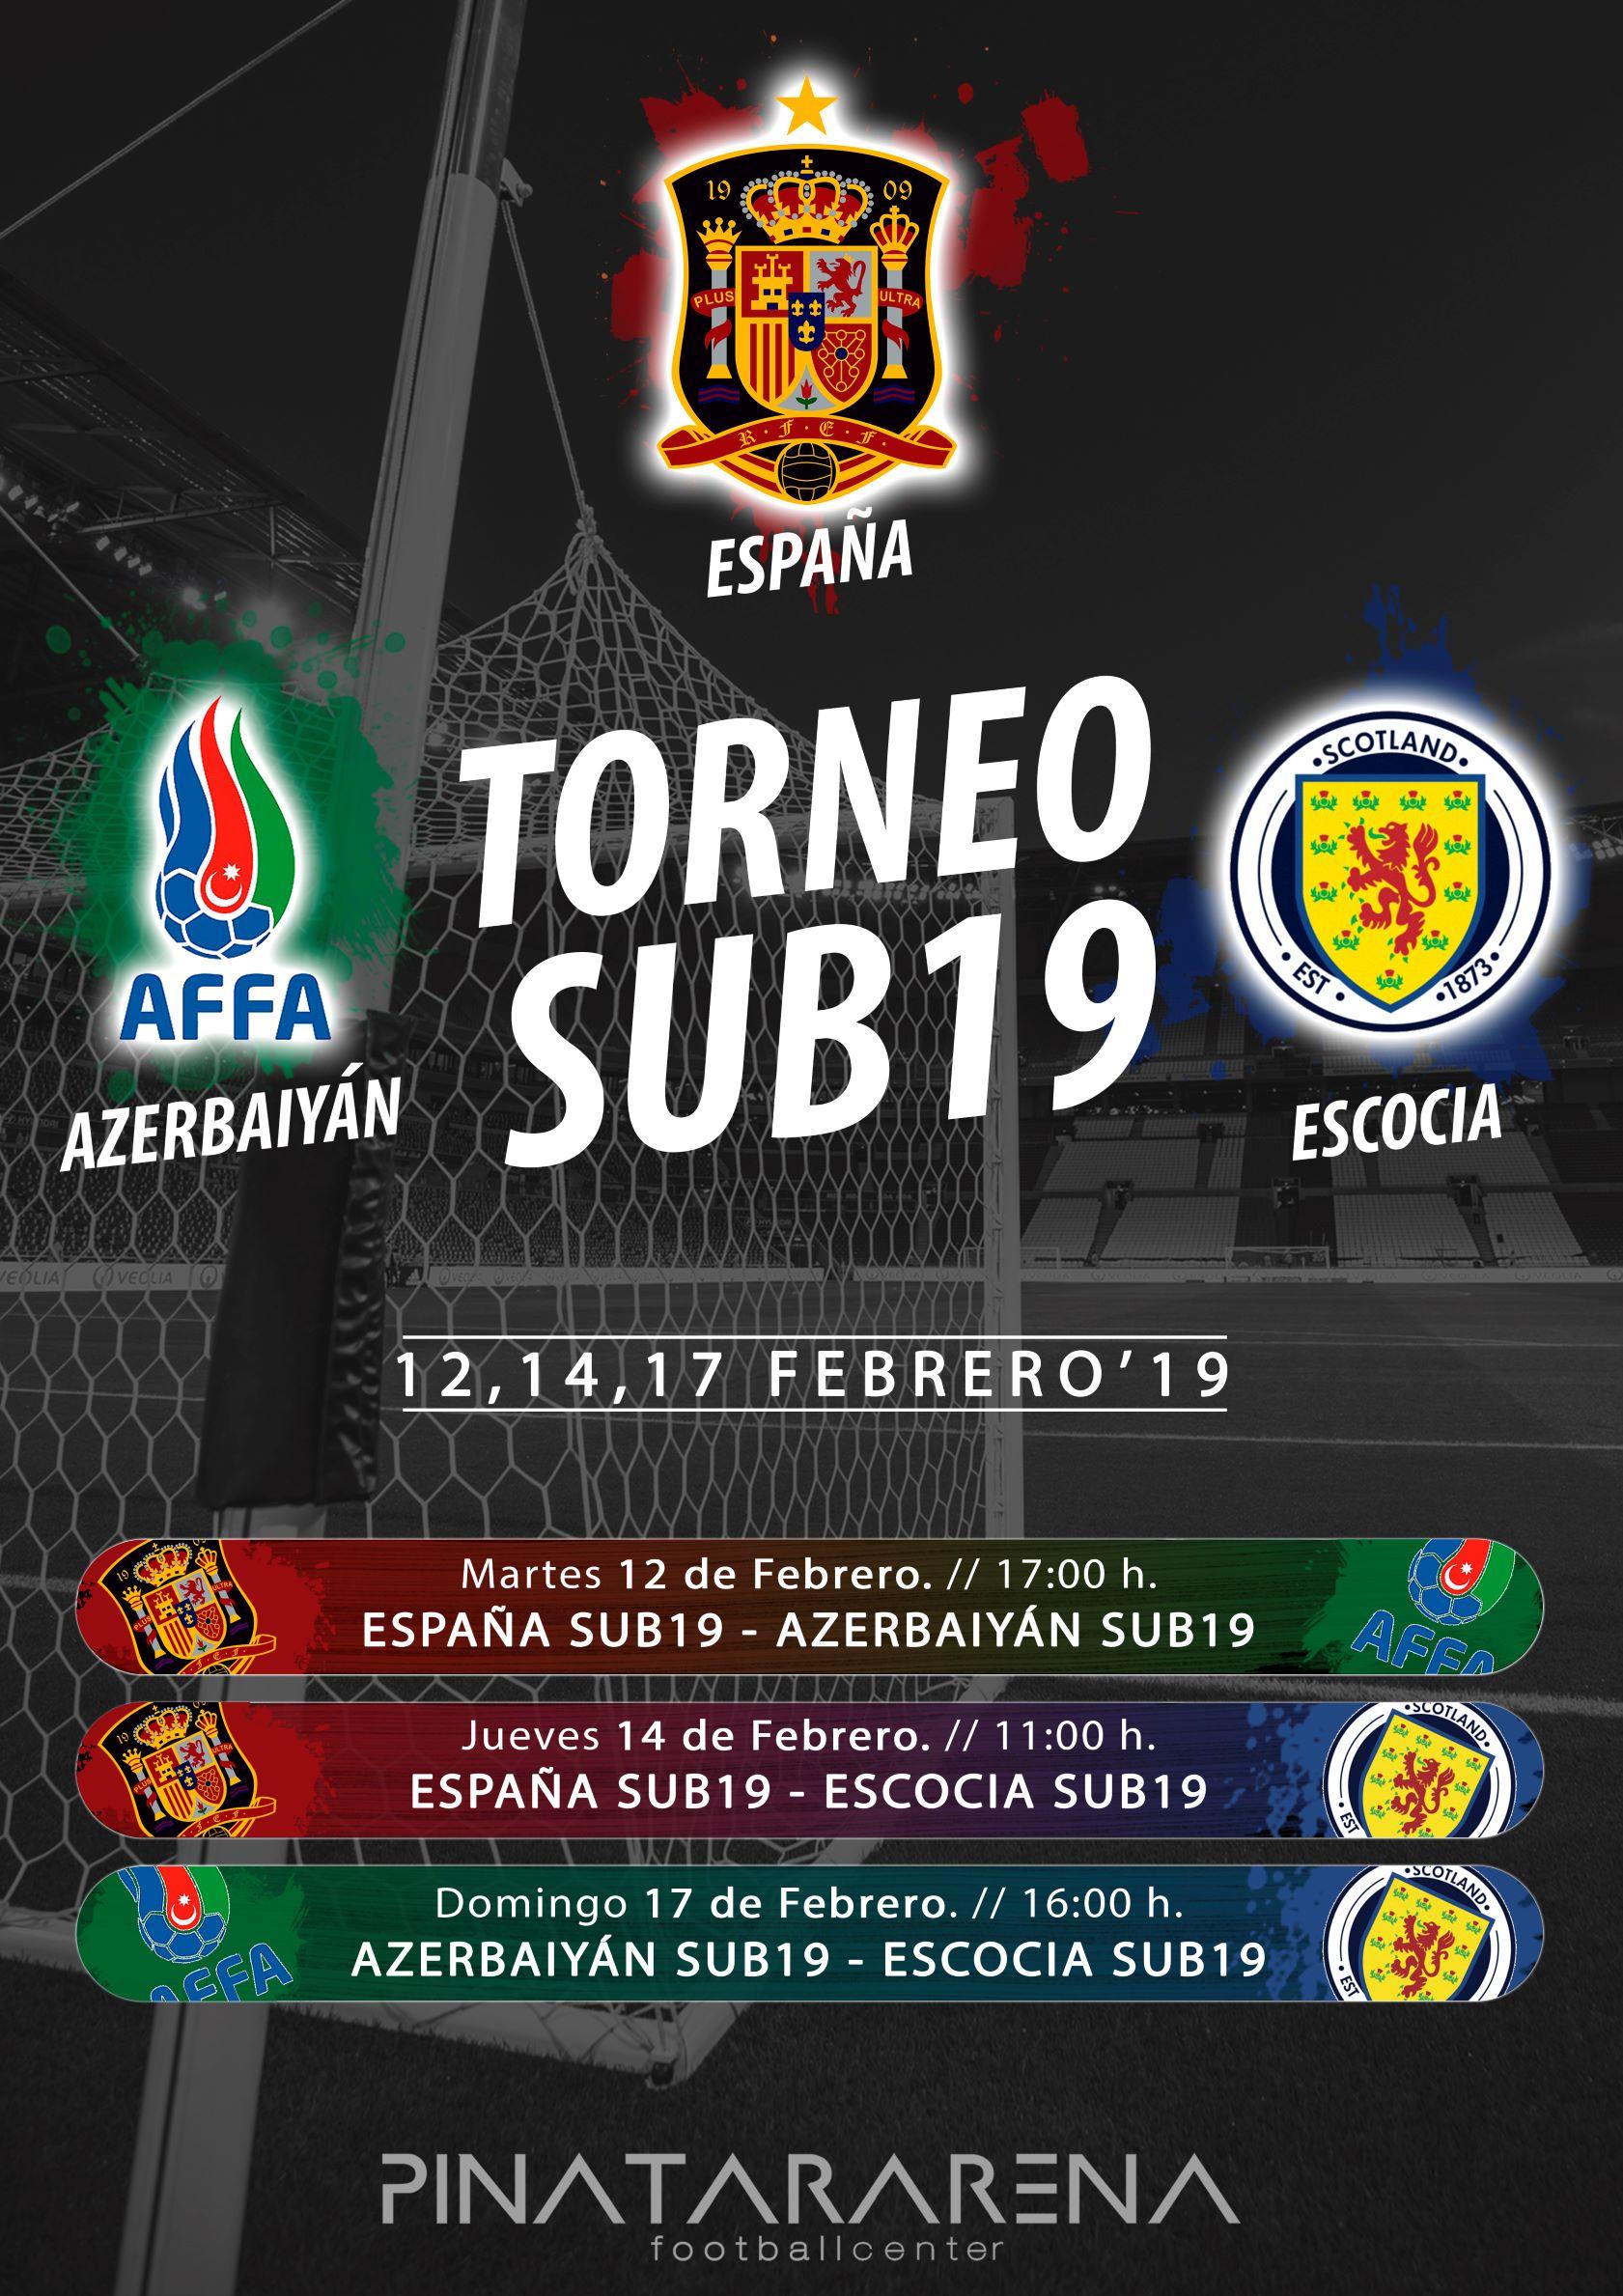 Entrada Gratis  Futbol España Torneo SUB19 en Murcia